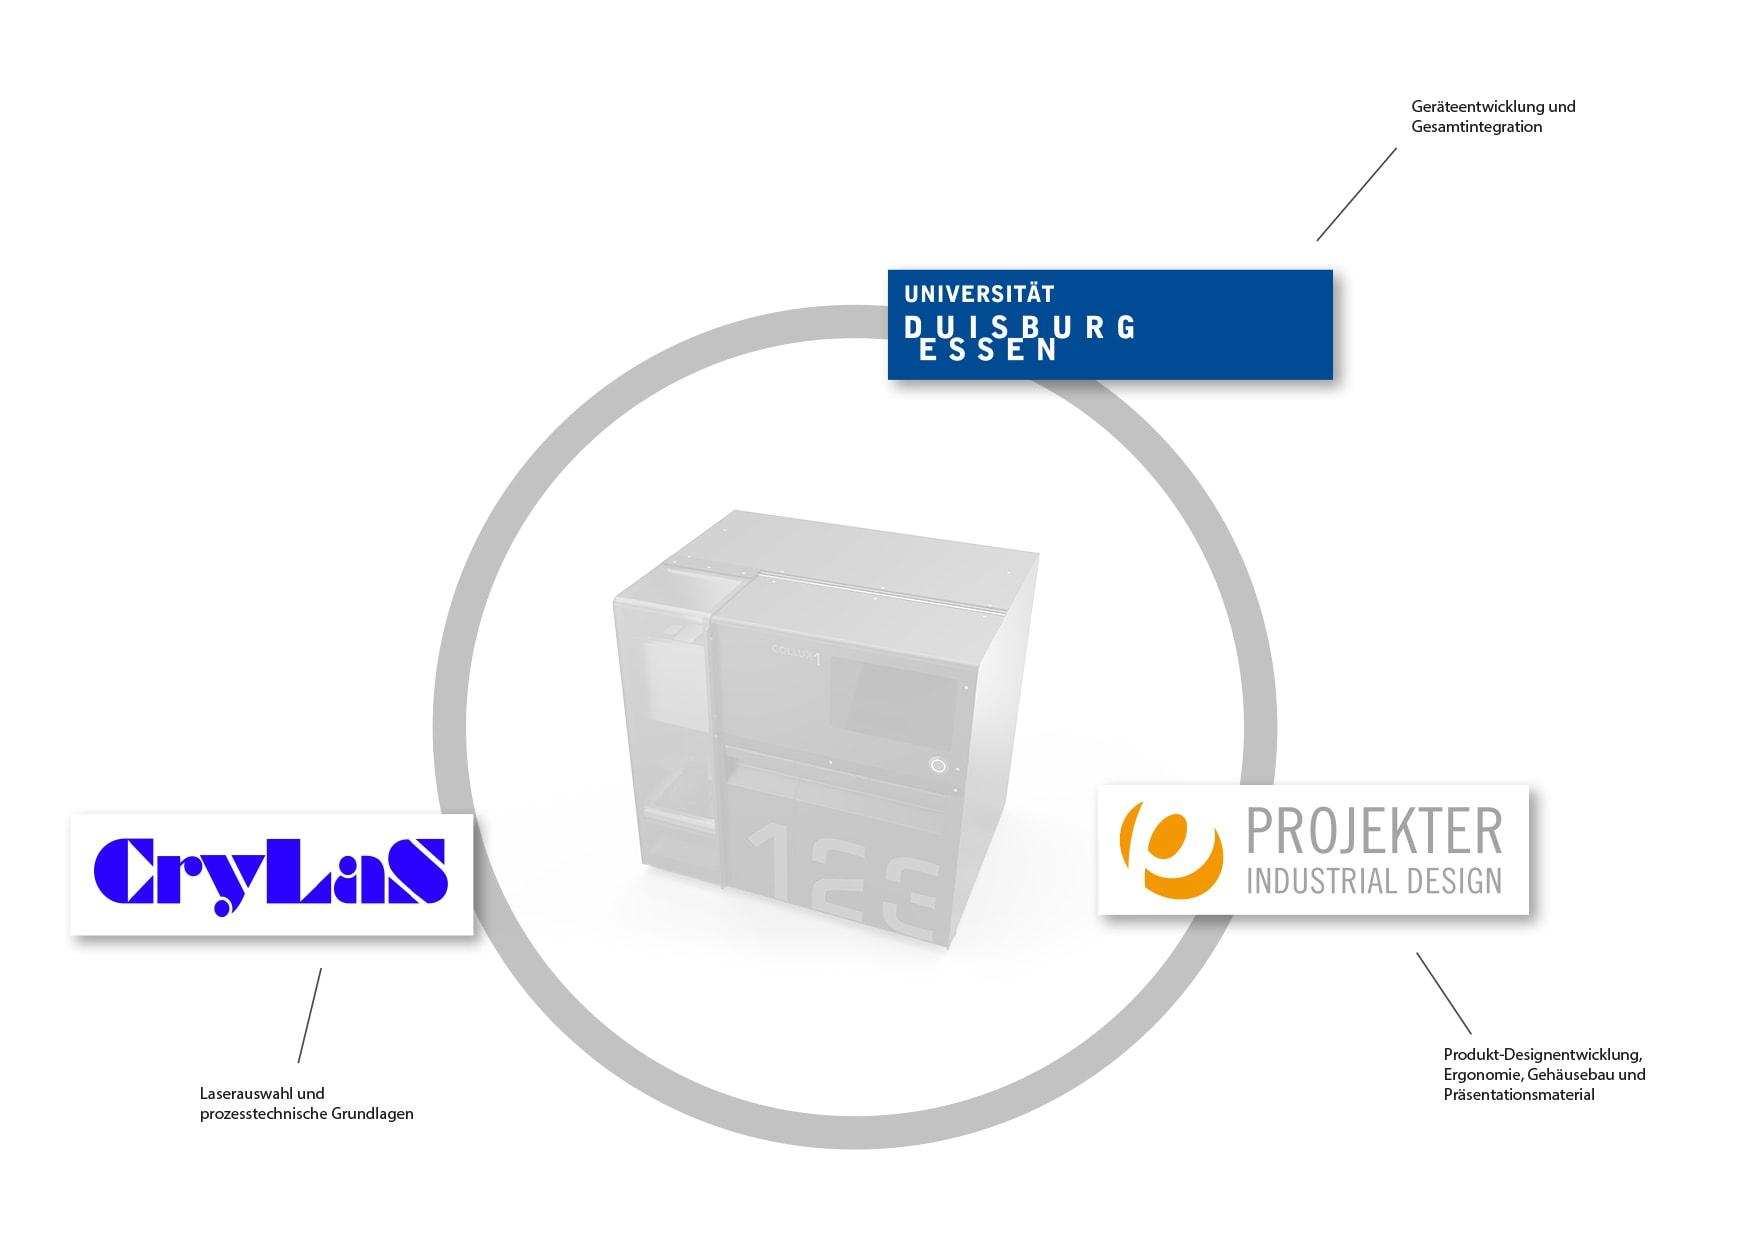 projektpartner_zim_förderung_projekter_design